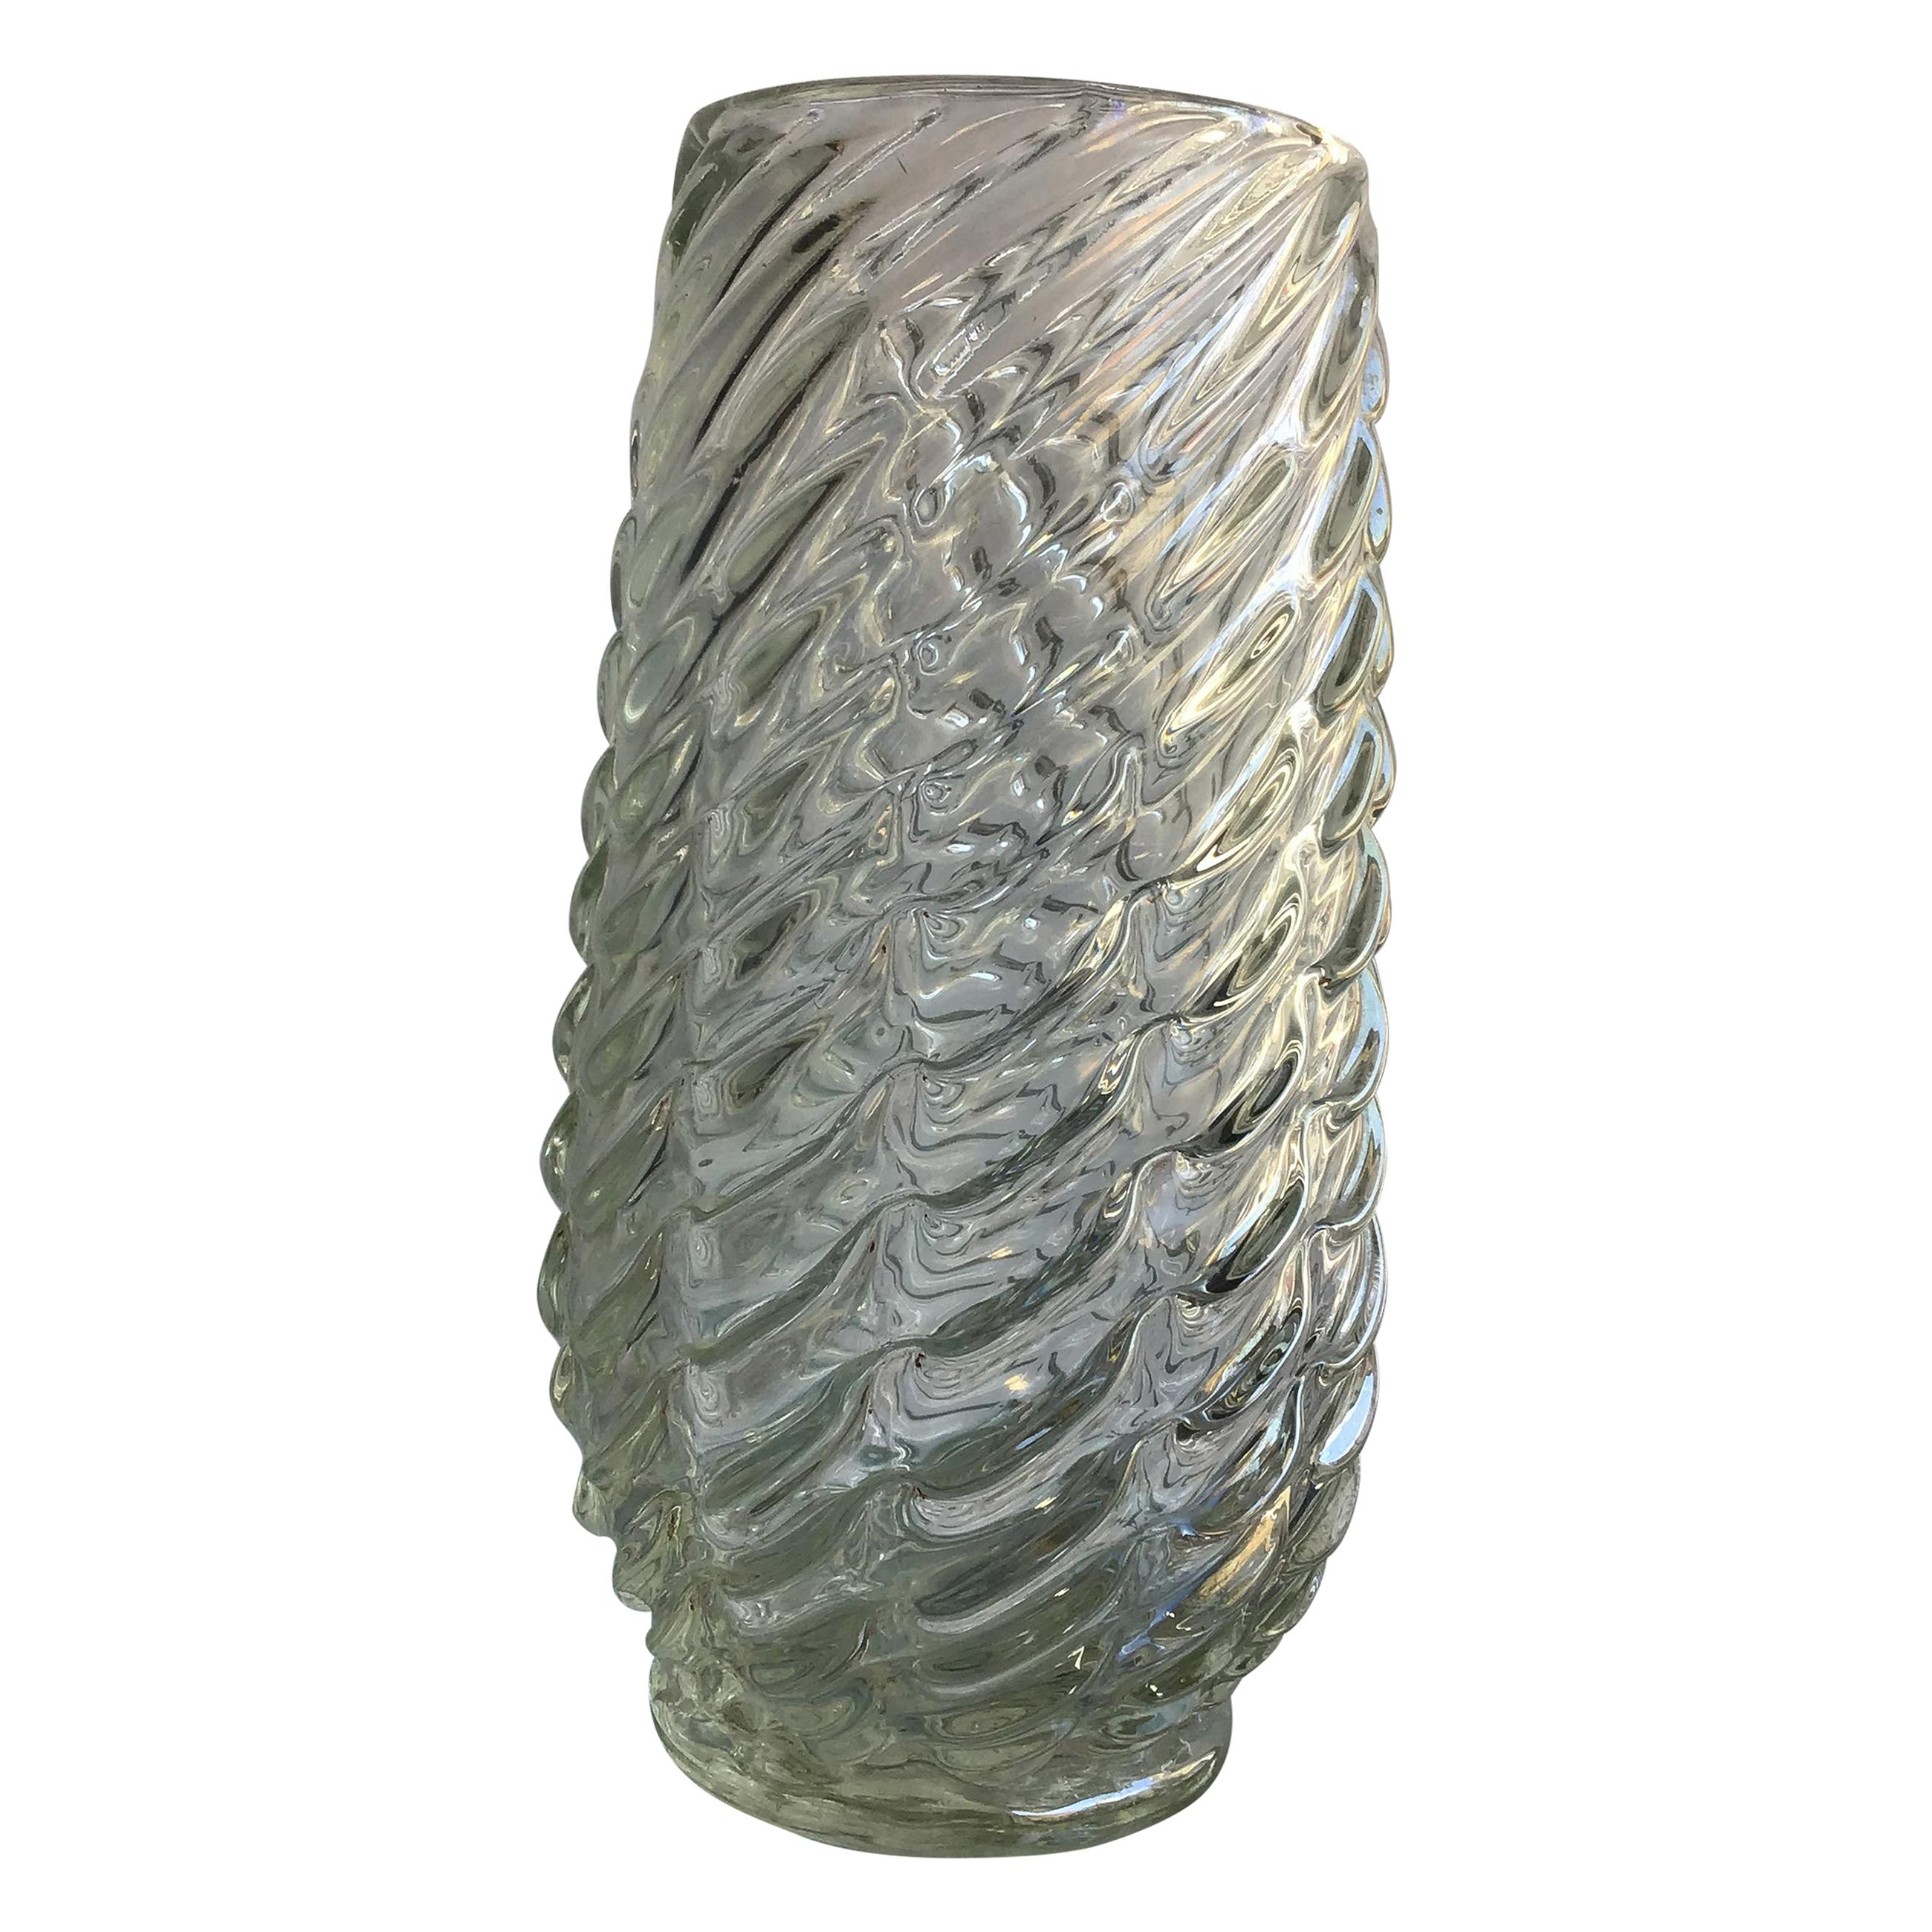 Venini Vase Iridescent Murano Glass, 1940, Italy